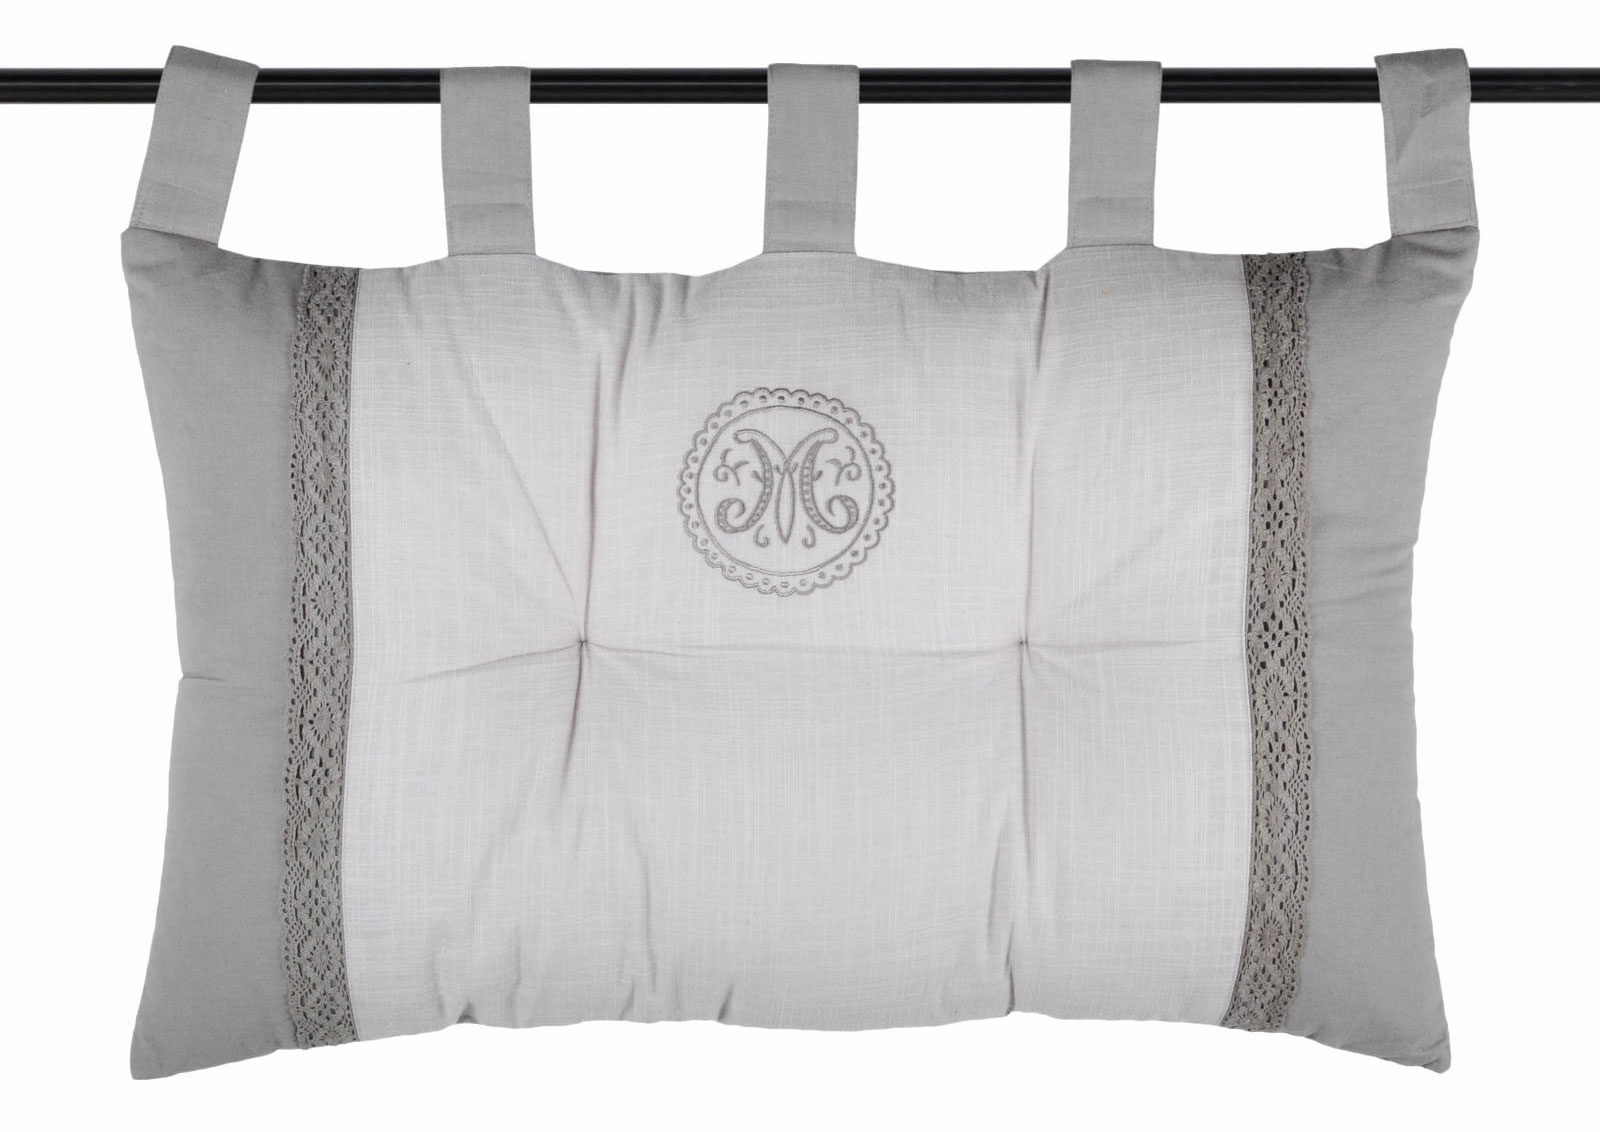 t te de lit esprit charme classique gris homemaison vente en ligne coussins t te de lit. Black Bedroom Furniture Sets. Home Design Ideas